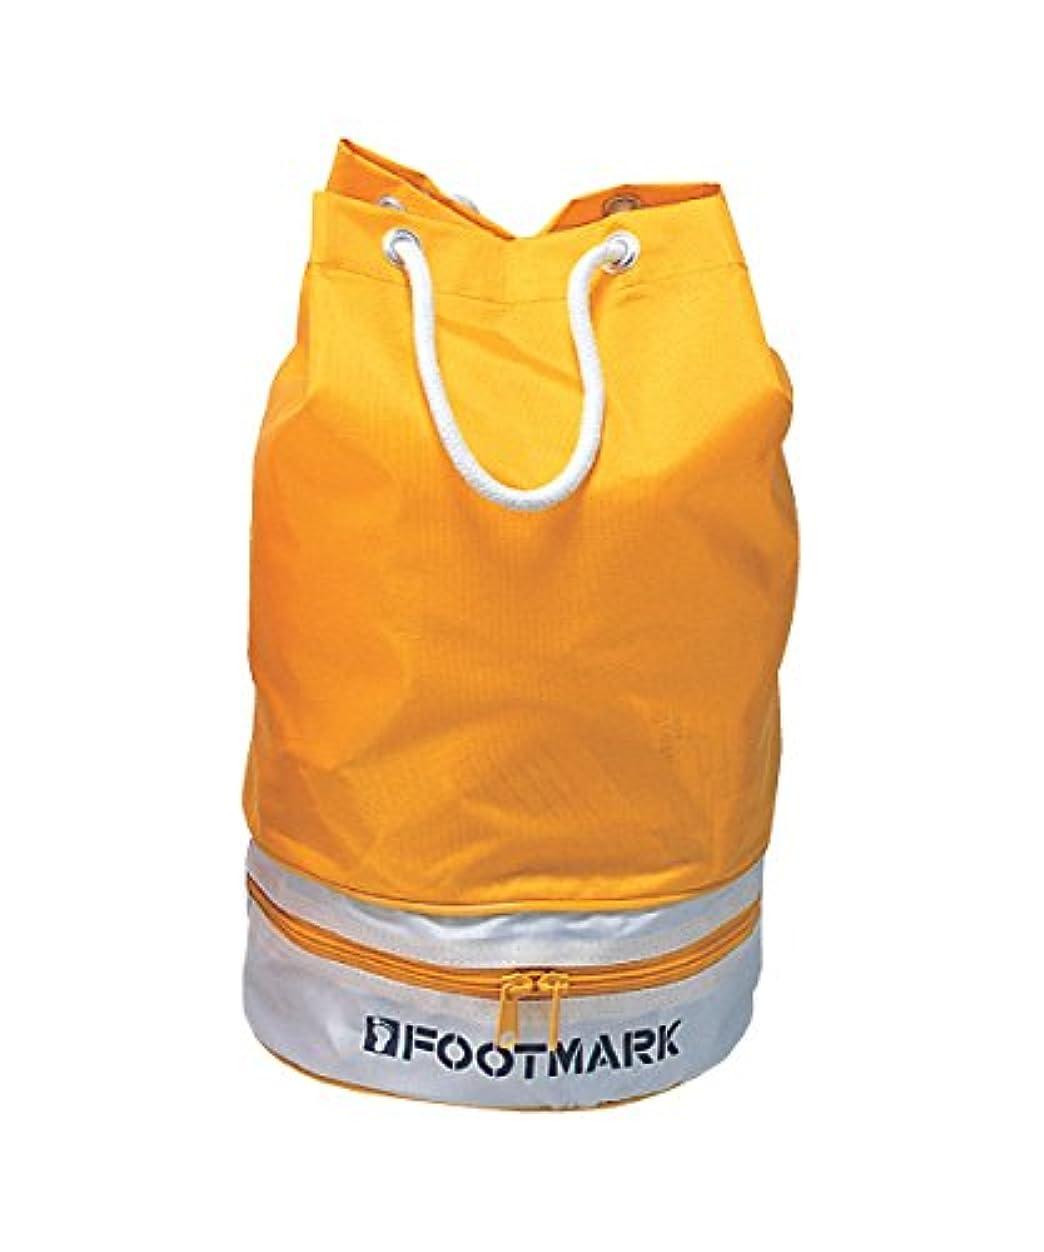 透けて見える変換するメトロポリタンW&X プールバッグ スイムバッグ 水泳バッグ ビーチバッグ 温泉バック 防水バッグ 大容量 乾湿分離 靴入れポケット付き